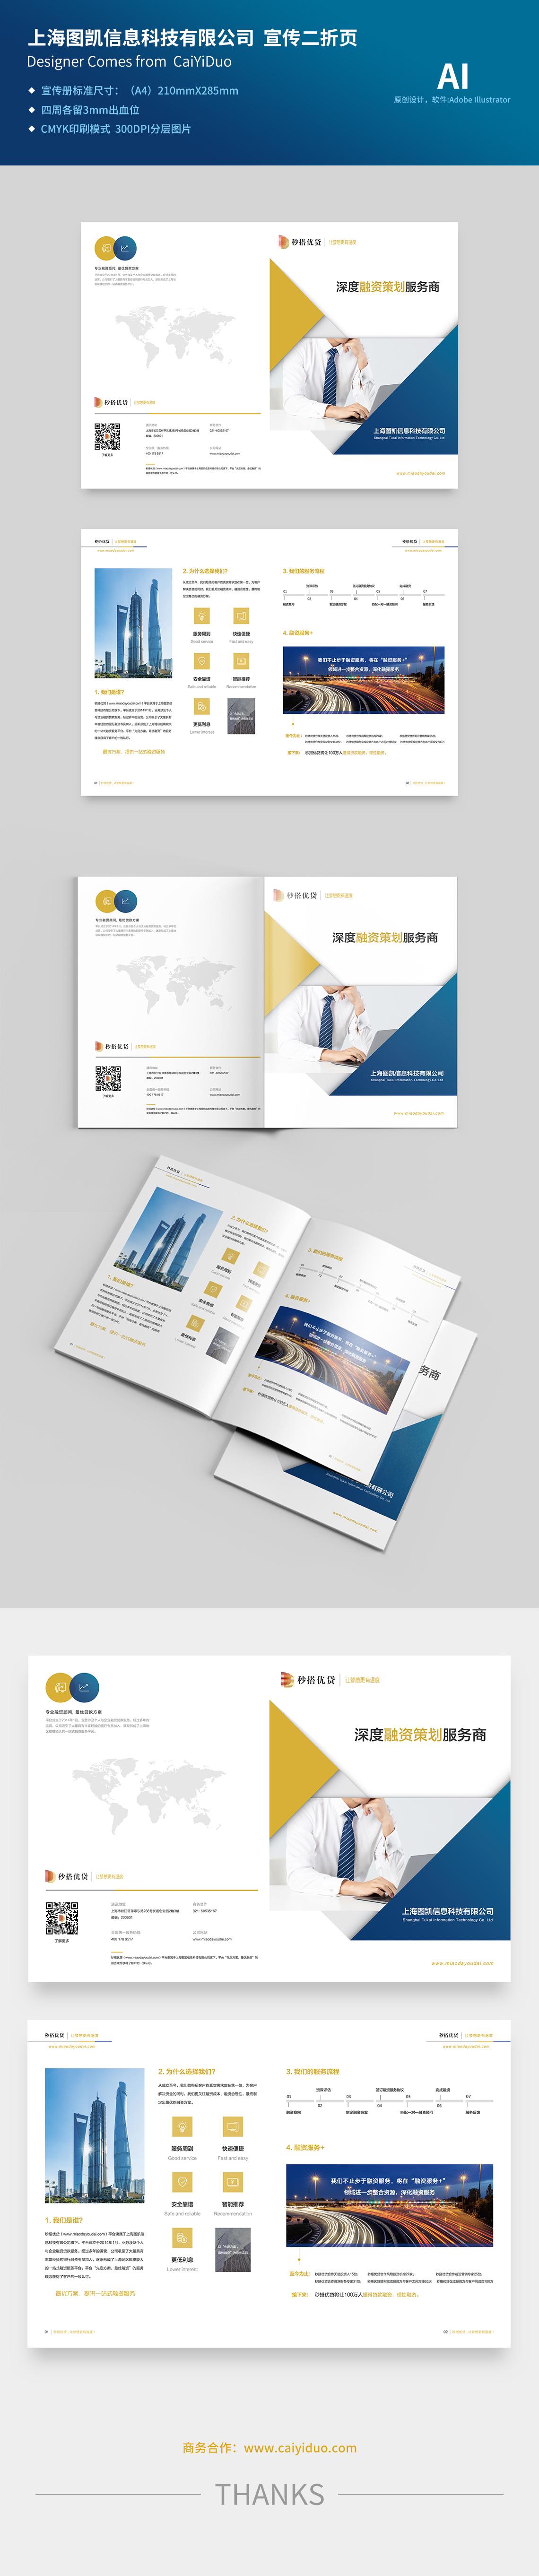 公司案例平面印刷品2018-6上海图凯信息科技有限公司2折页